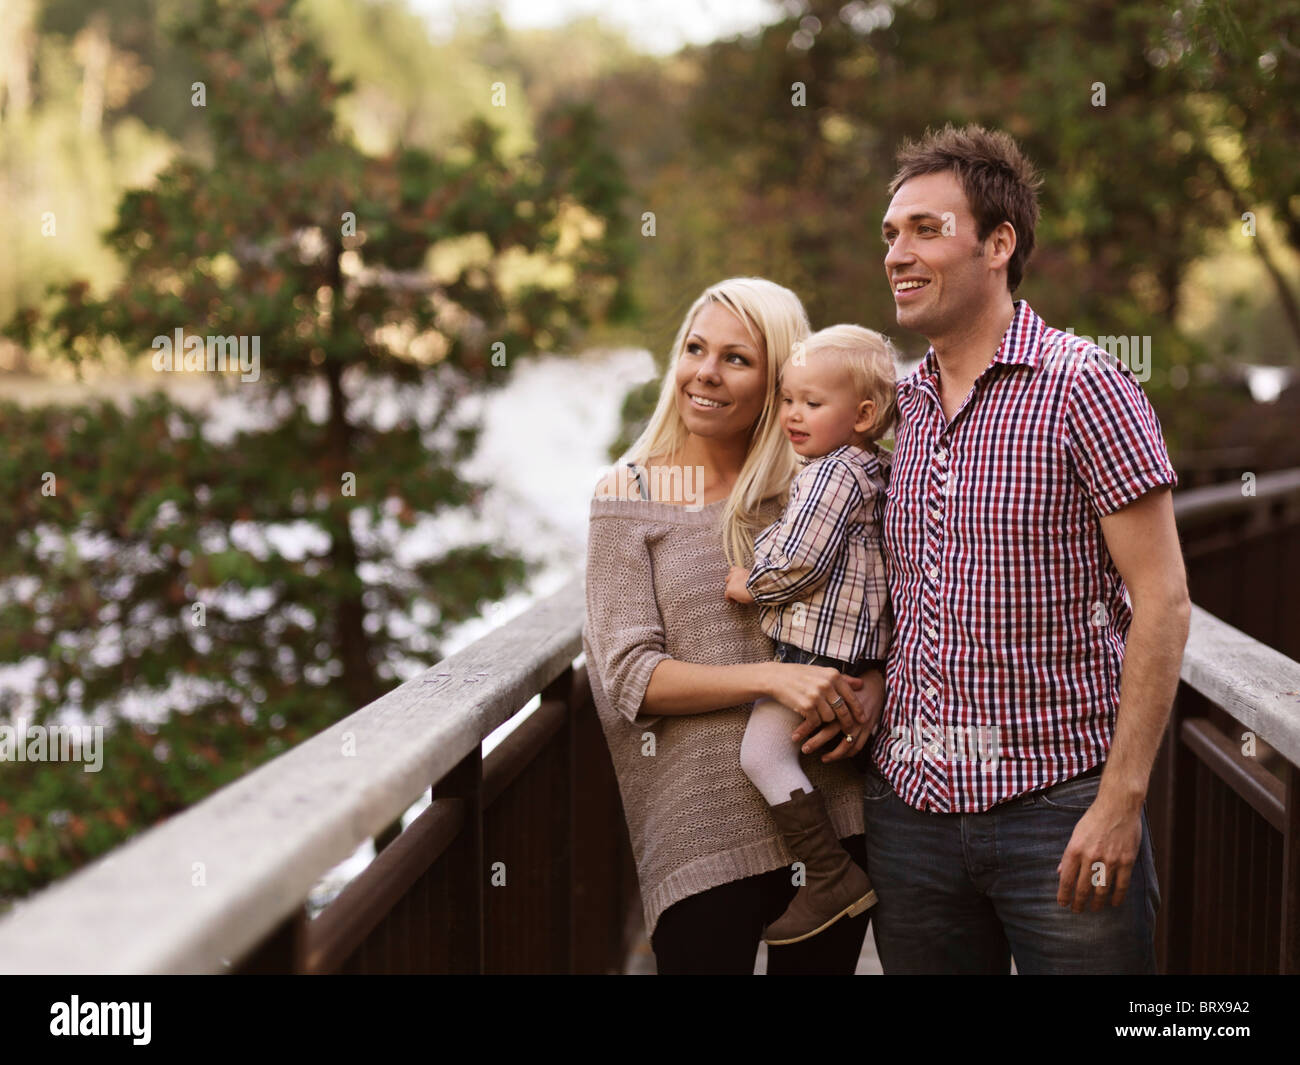 Happy smiling young parents et une fillette de deux ans appréciant la nature vue depuis un pont. L'Ontario, Photo Stock